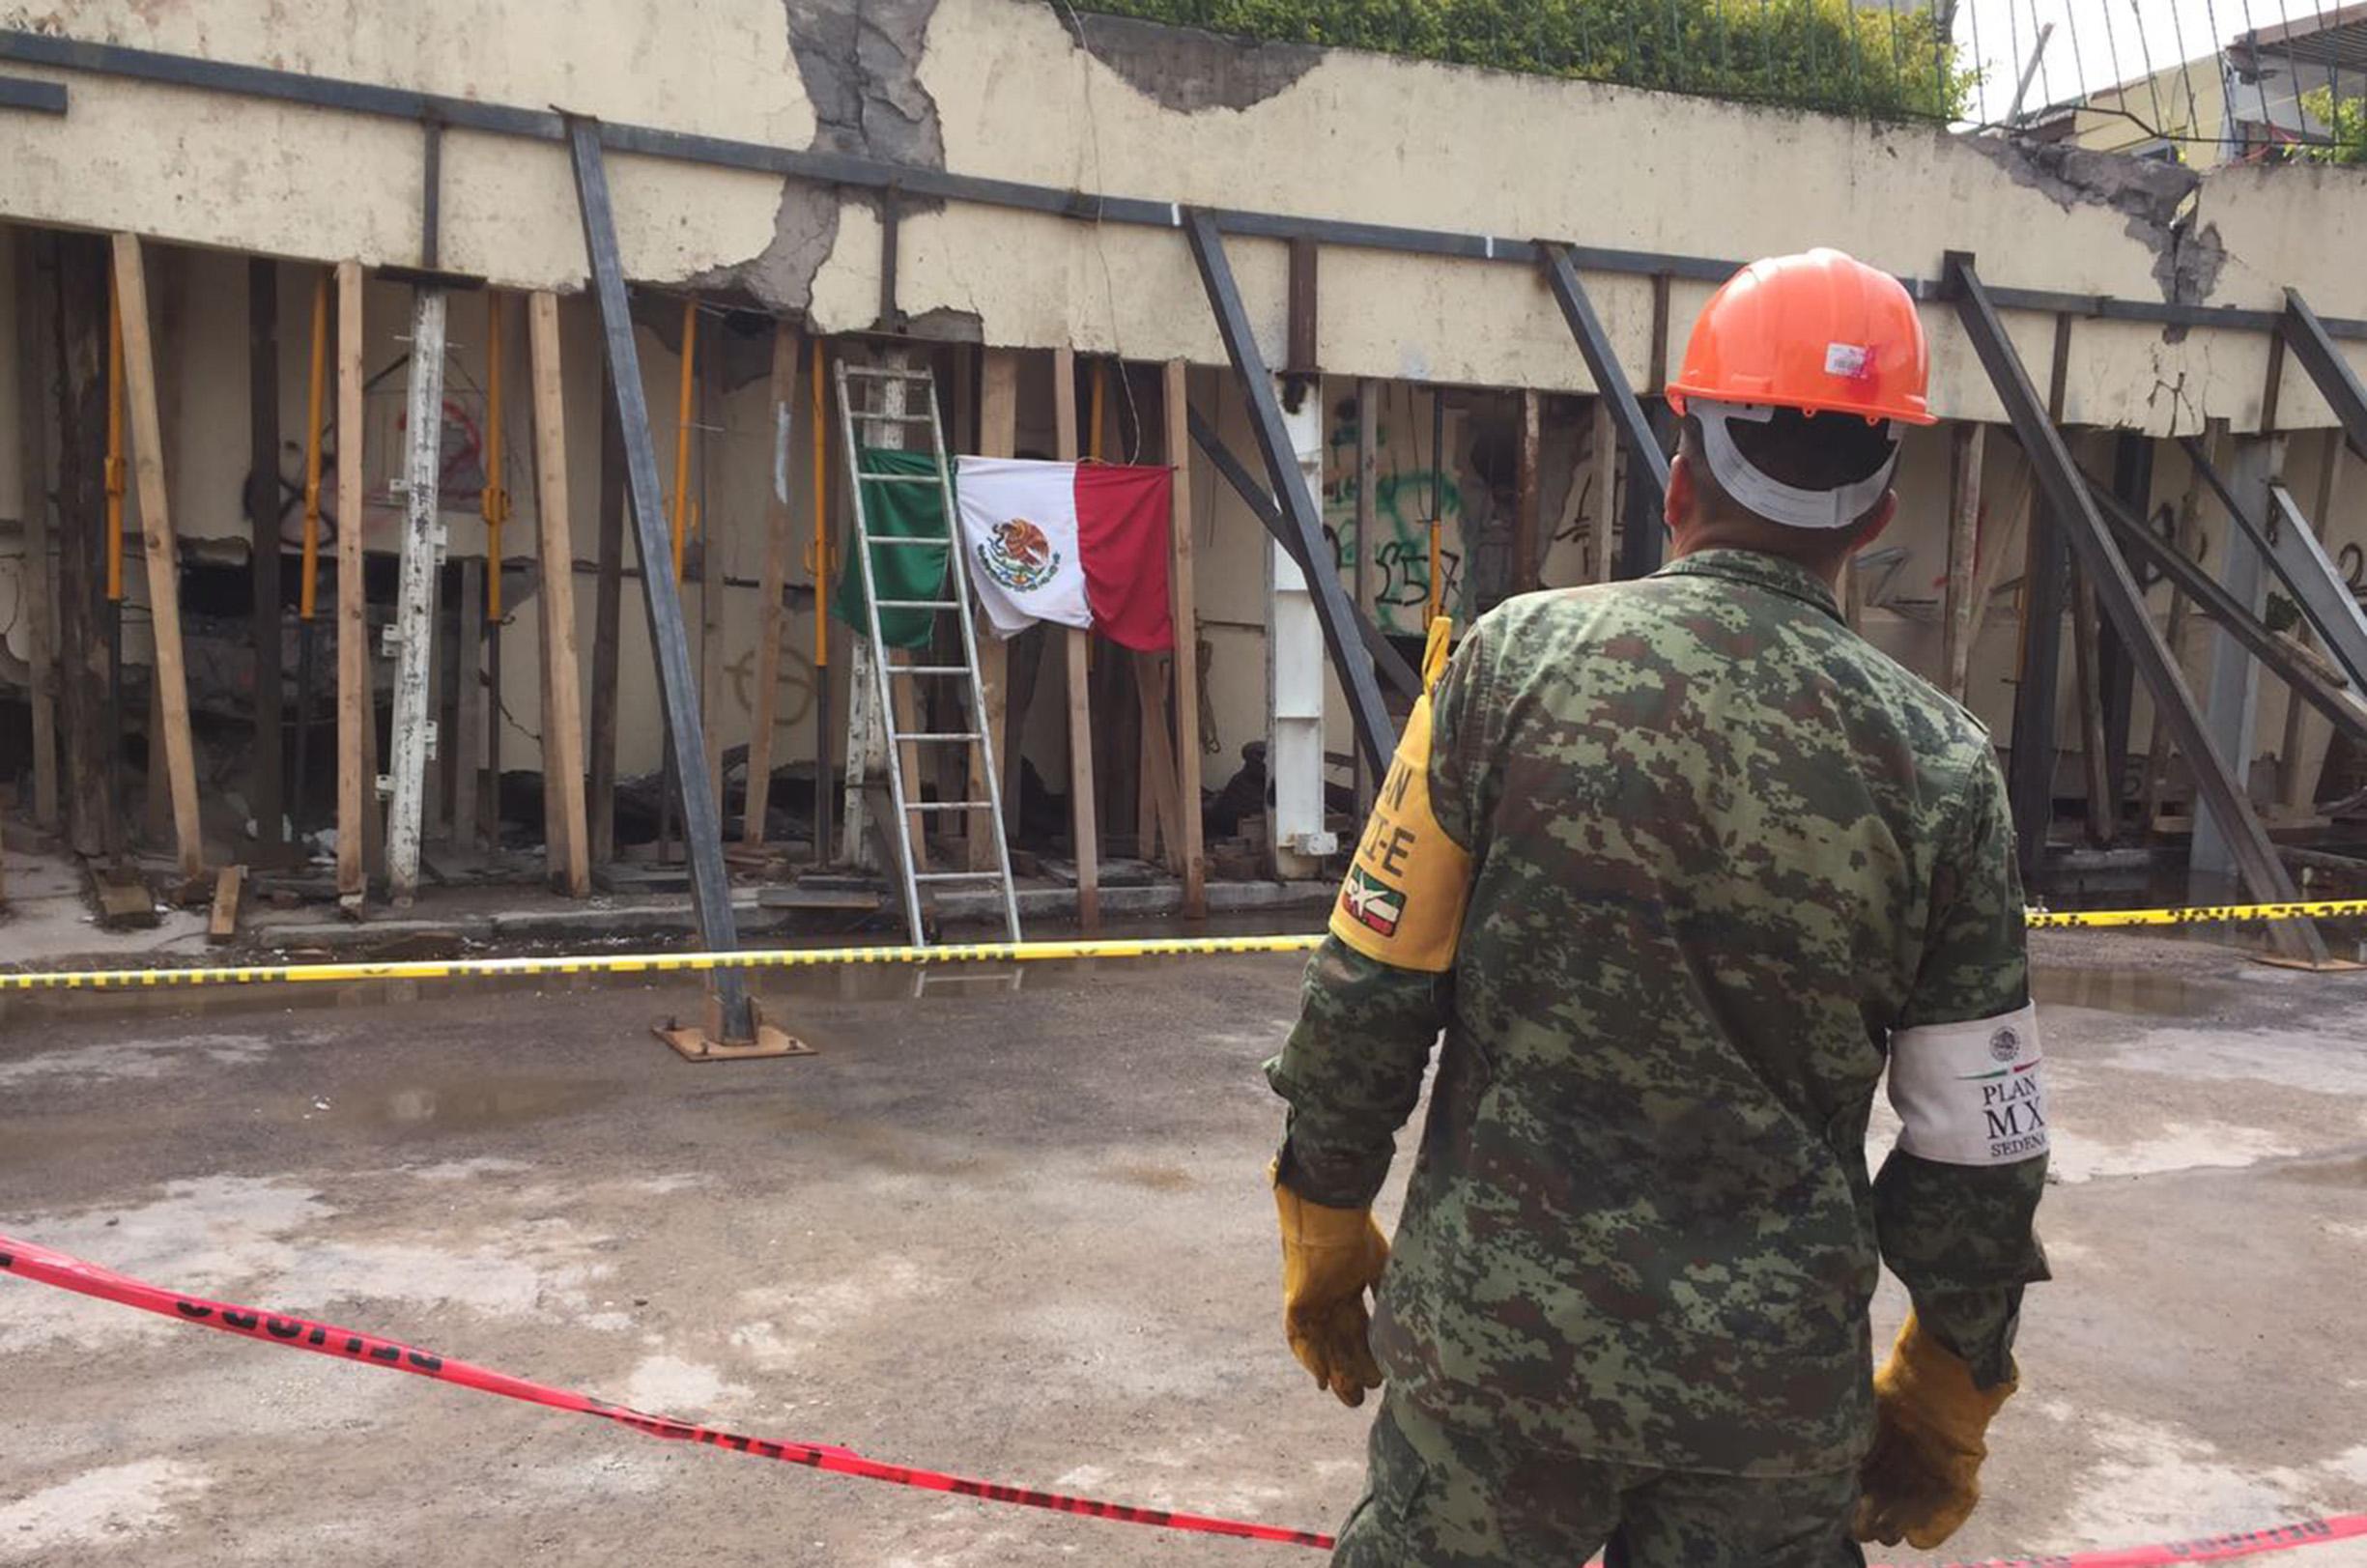 70923082. México, 23Sep 2017 (Notimex-Alejandro Espinosa).- Aspectos del colegio Enrique Rebsamén, el cual colapso el 19 de septiembre por el sismo de 7.1 grados Richter. NOTIMEX/ALEJANDRO ESPINOSA/AER/DIS/SISMO17